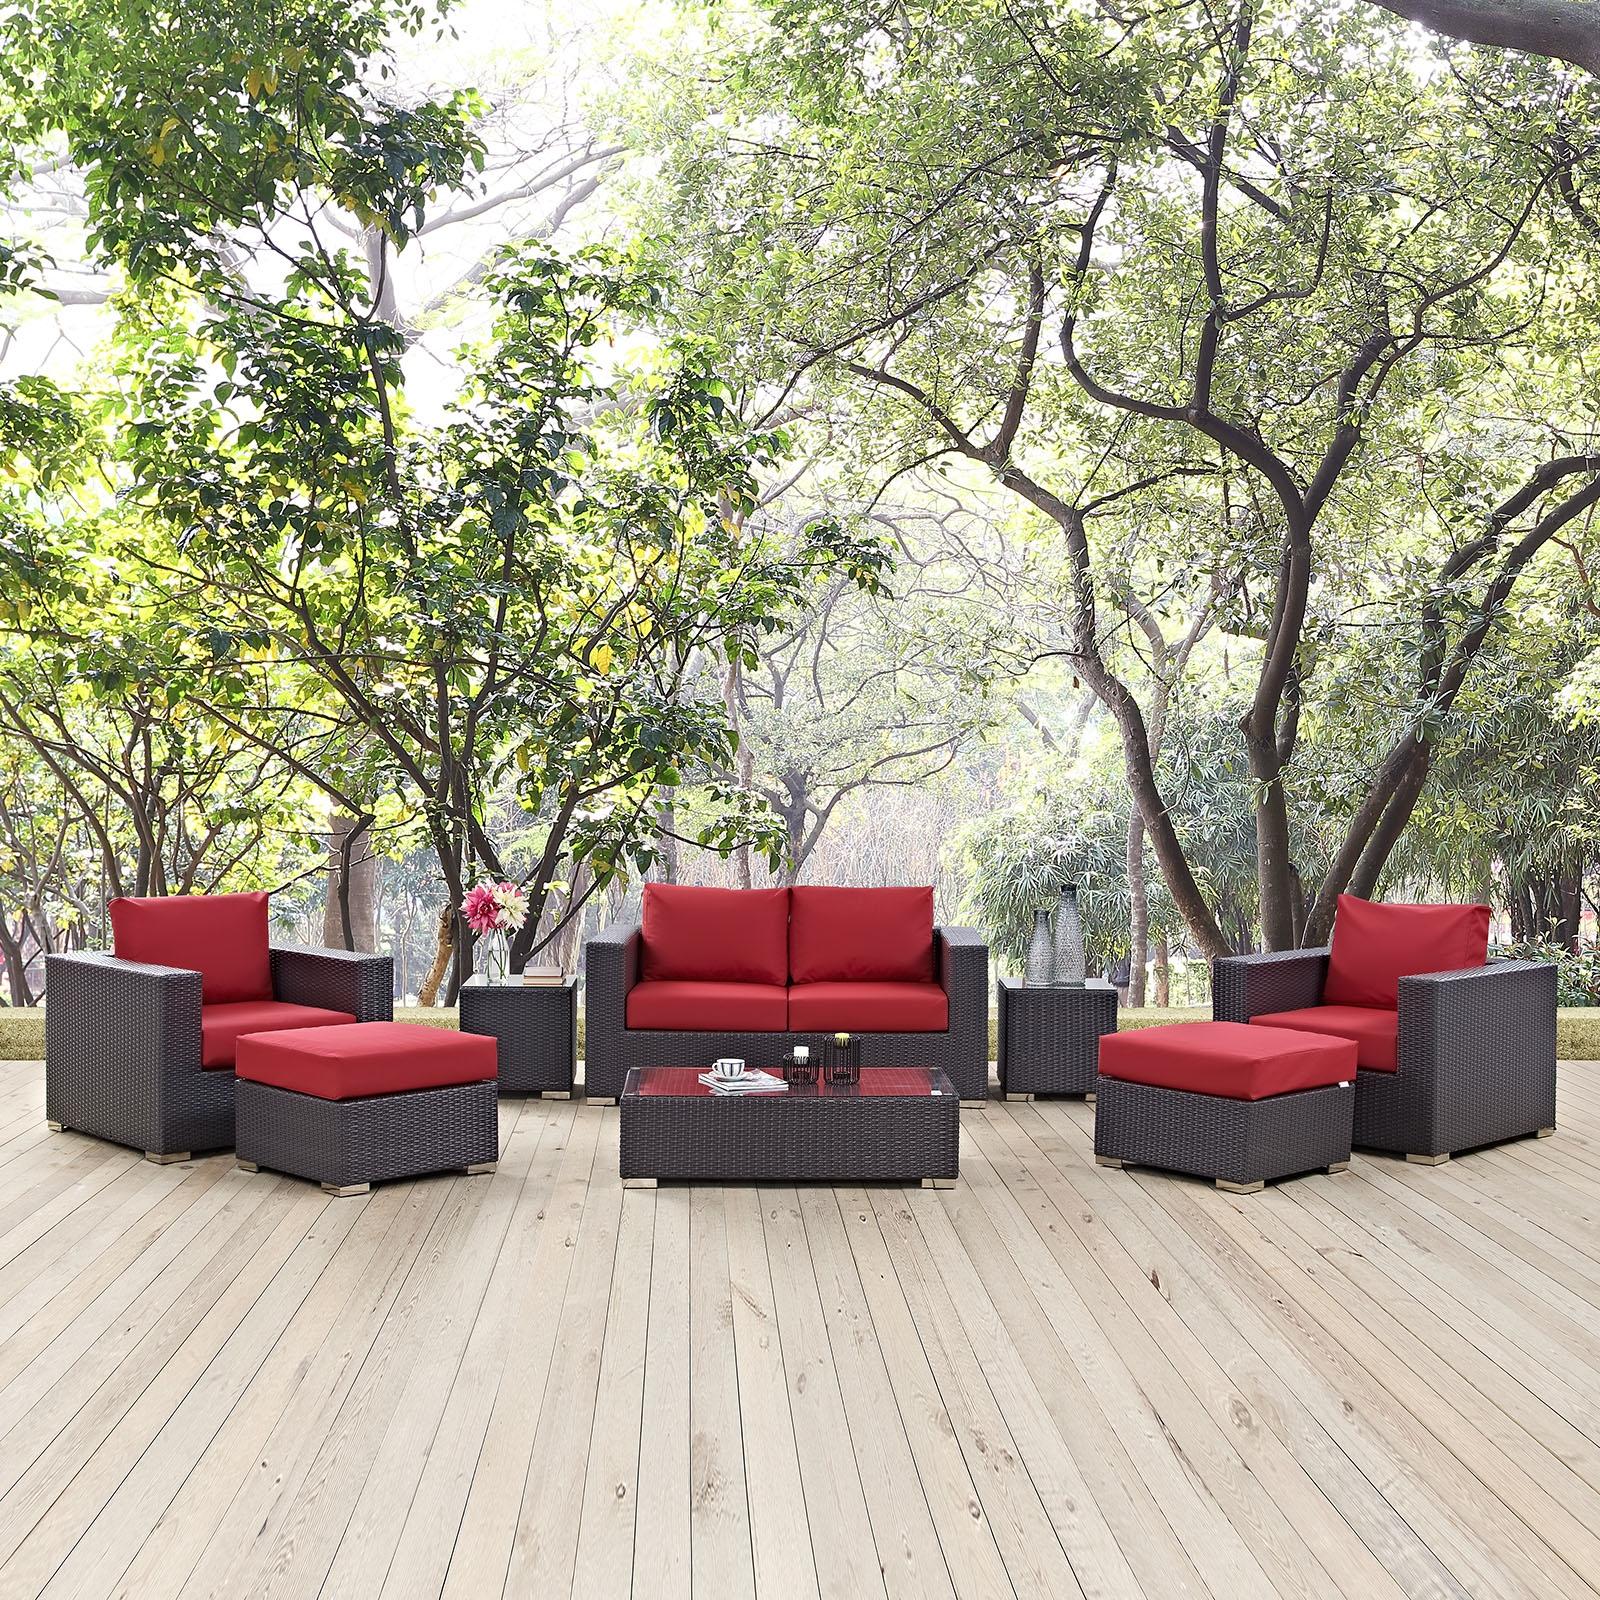 Convene 8 Piece Outdoor Patio Sofa Set in Espresso Red